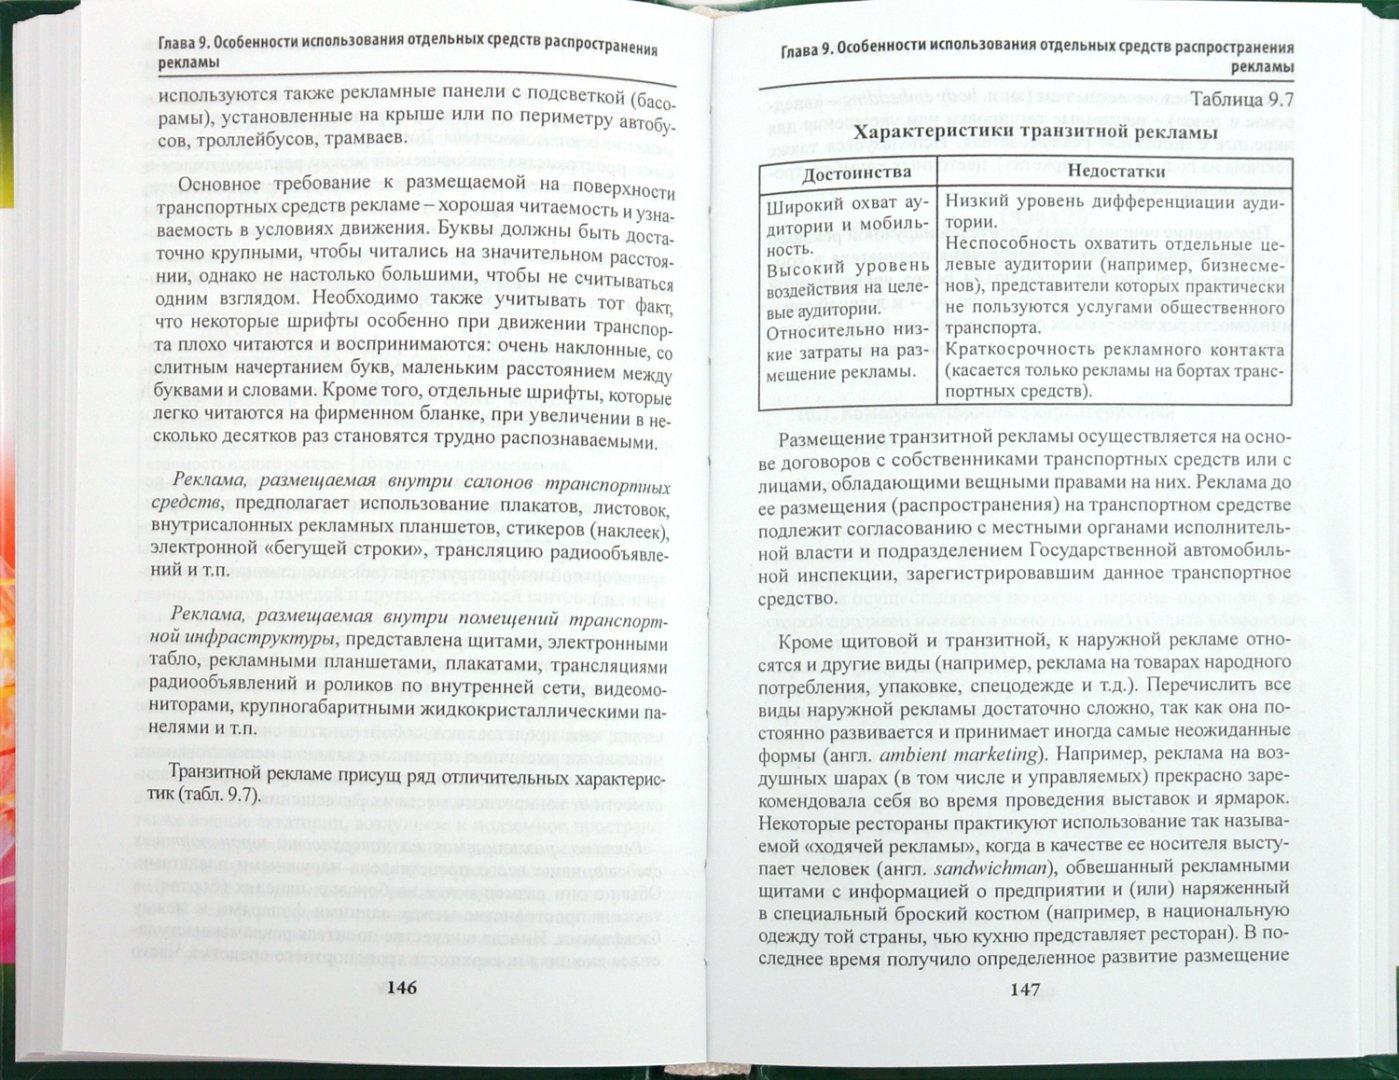 Иллюстрация 1 из 9 для Менеджер по рекламе и продвижению товаров - Дурович, Гришко   Лабиринт - книги. Источник: Лабиринт